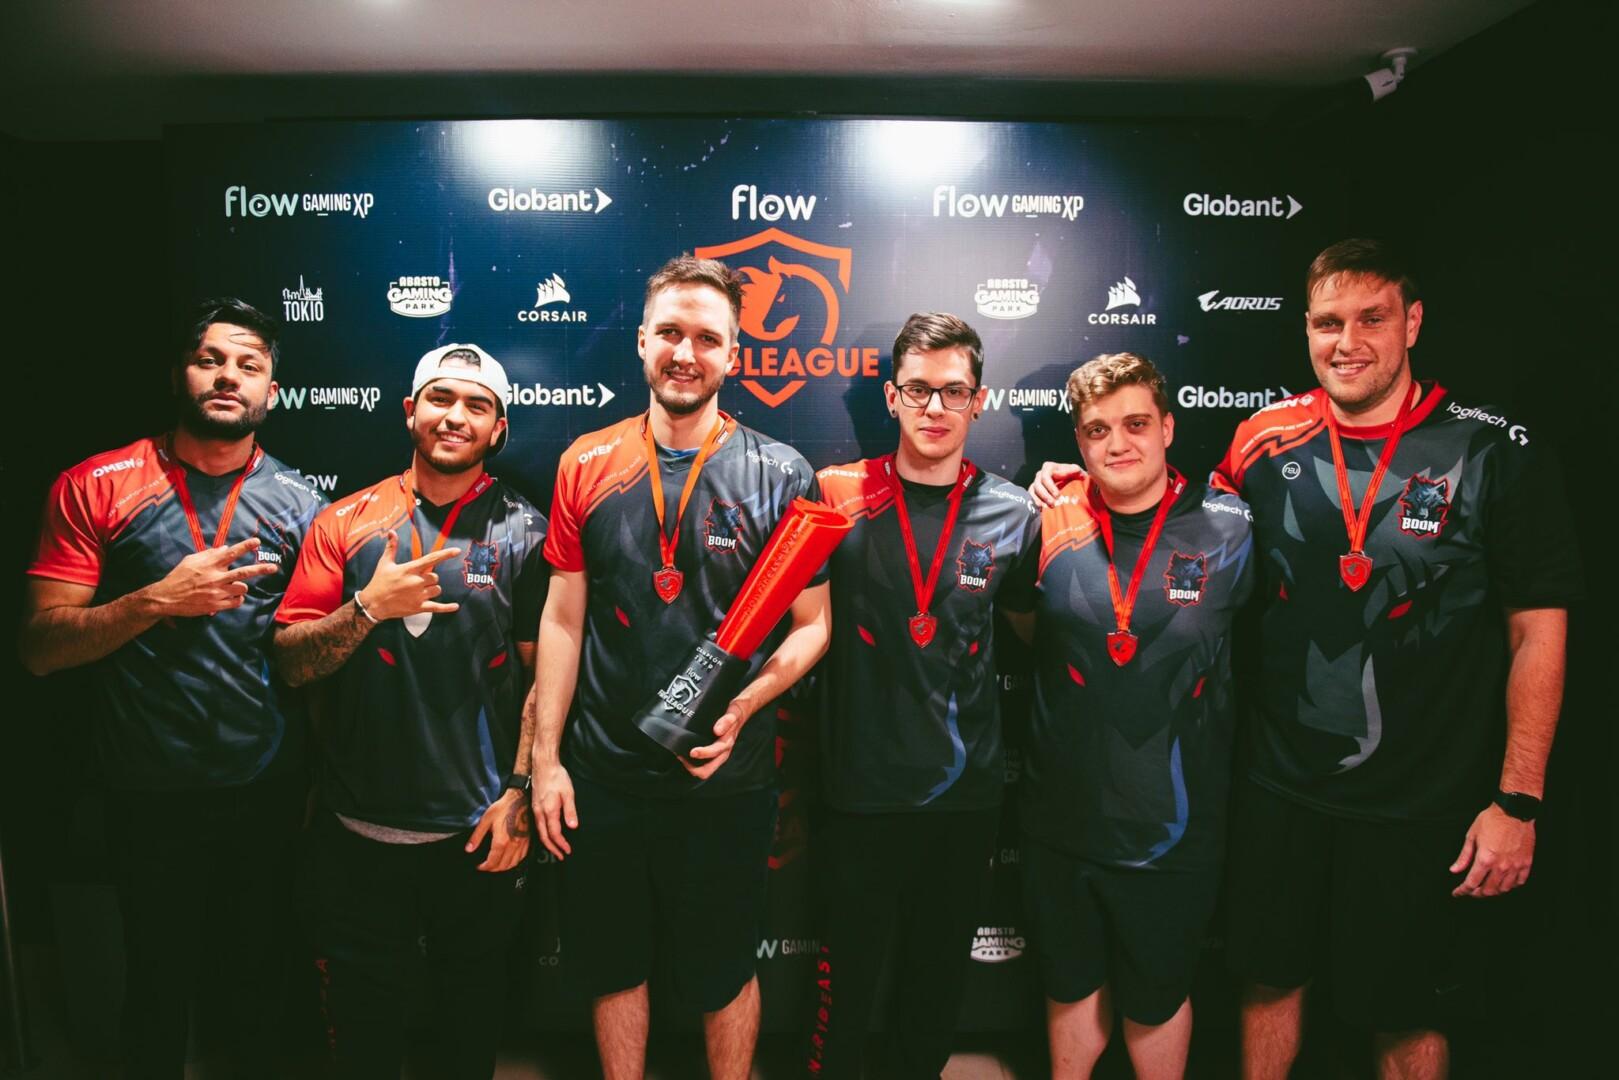 Flow FiReLEAGUE: BOOM se quedó con el campeonato latinoamericano de CS:GO